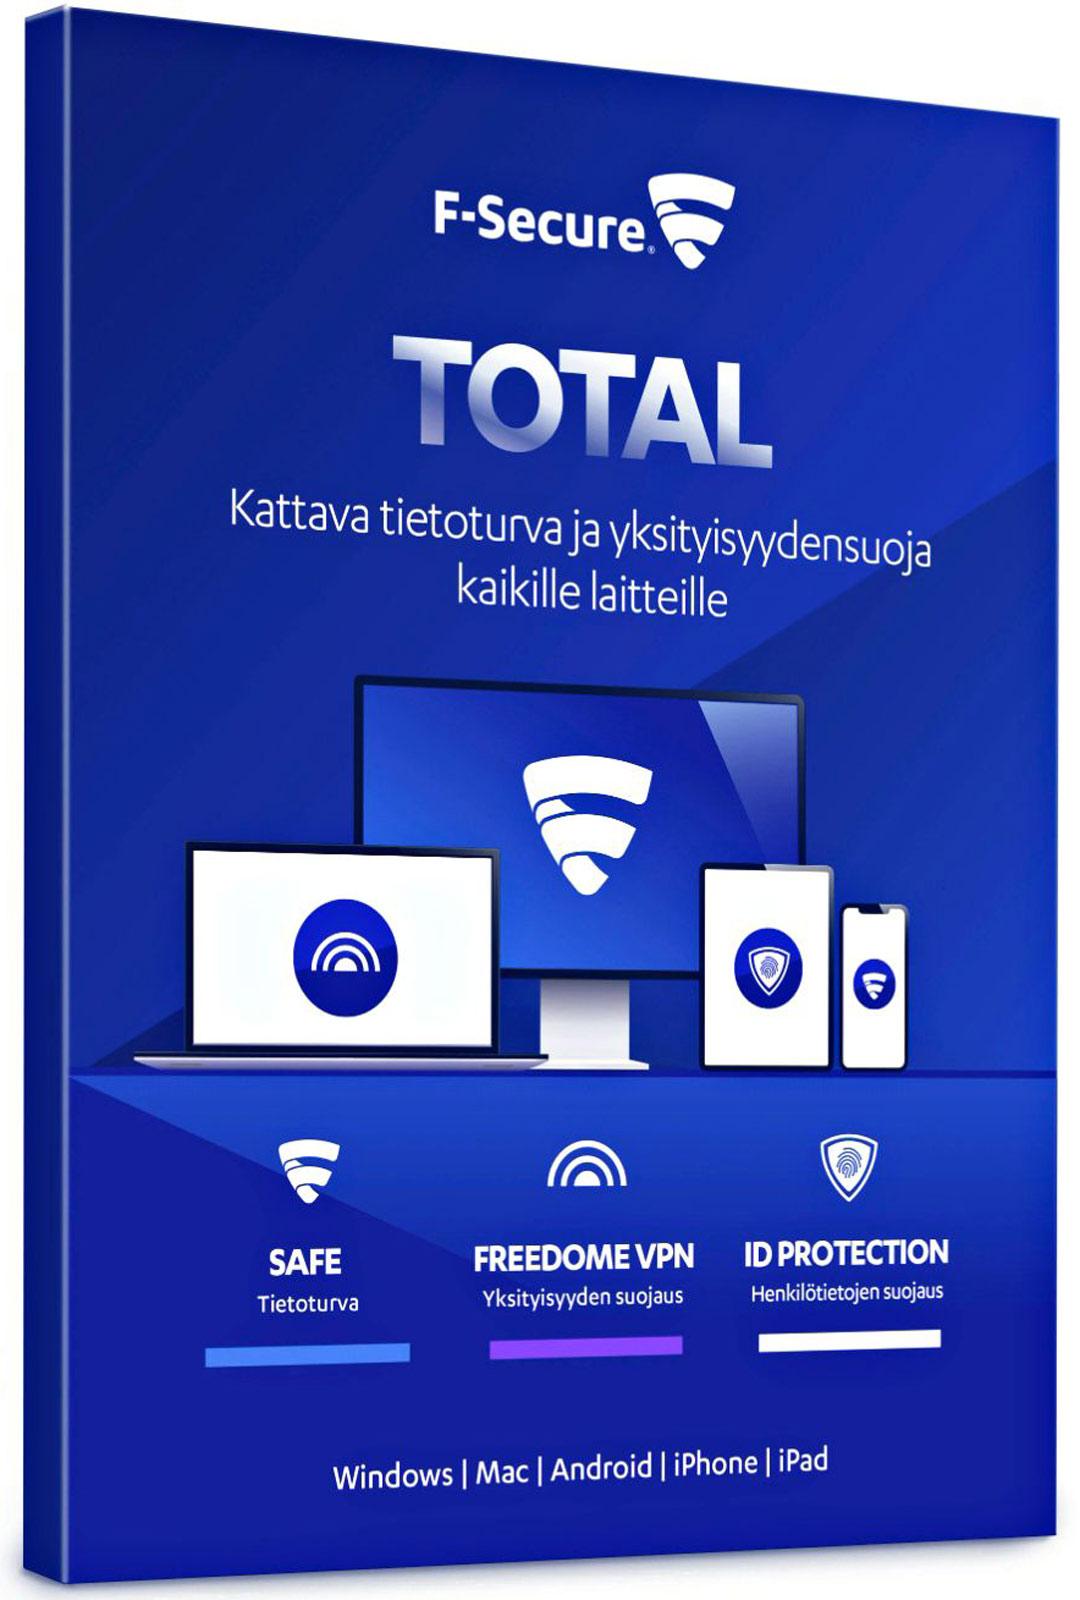 Suomalainen F-Secure Total maksaa 80 e kolmelle laitteelle.